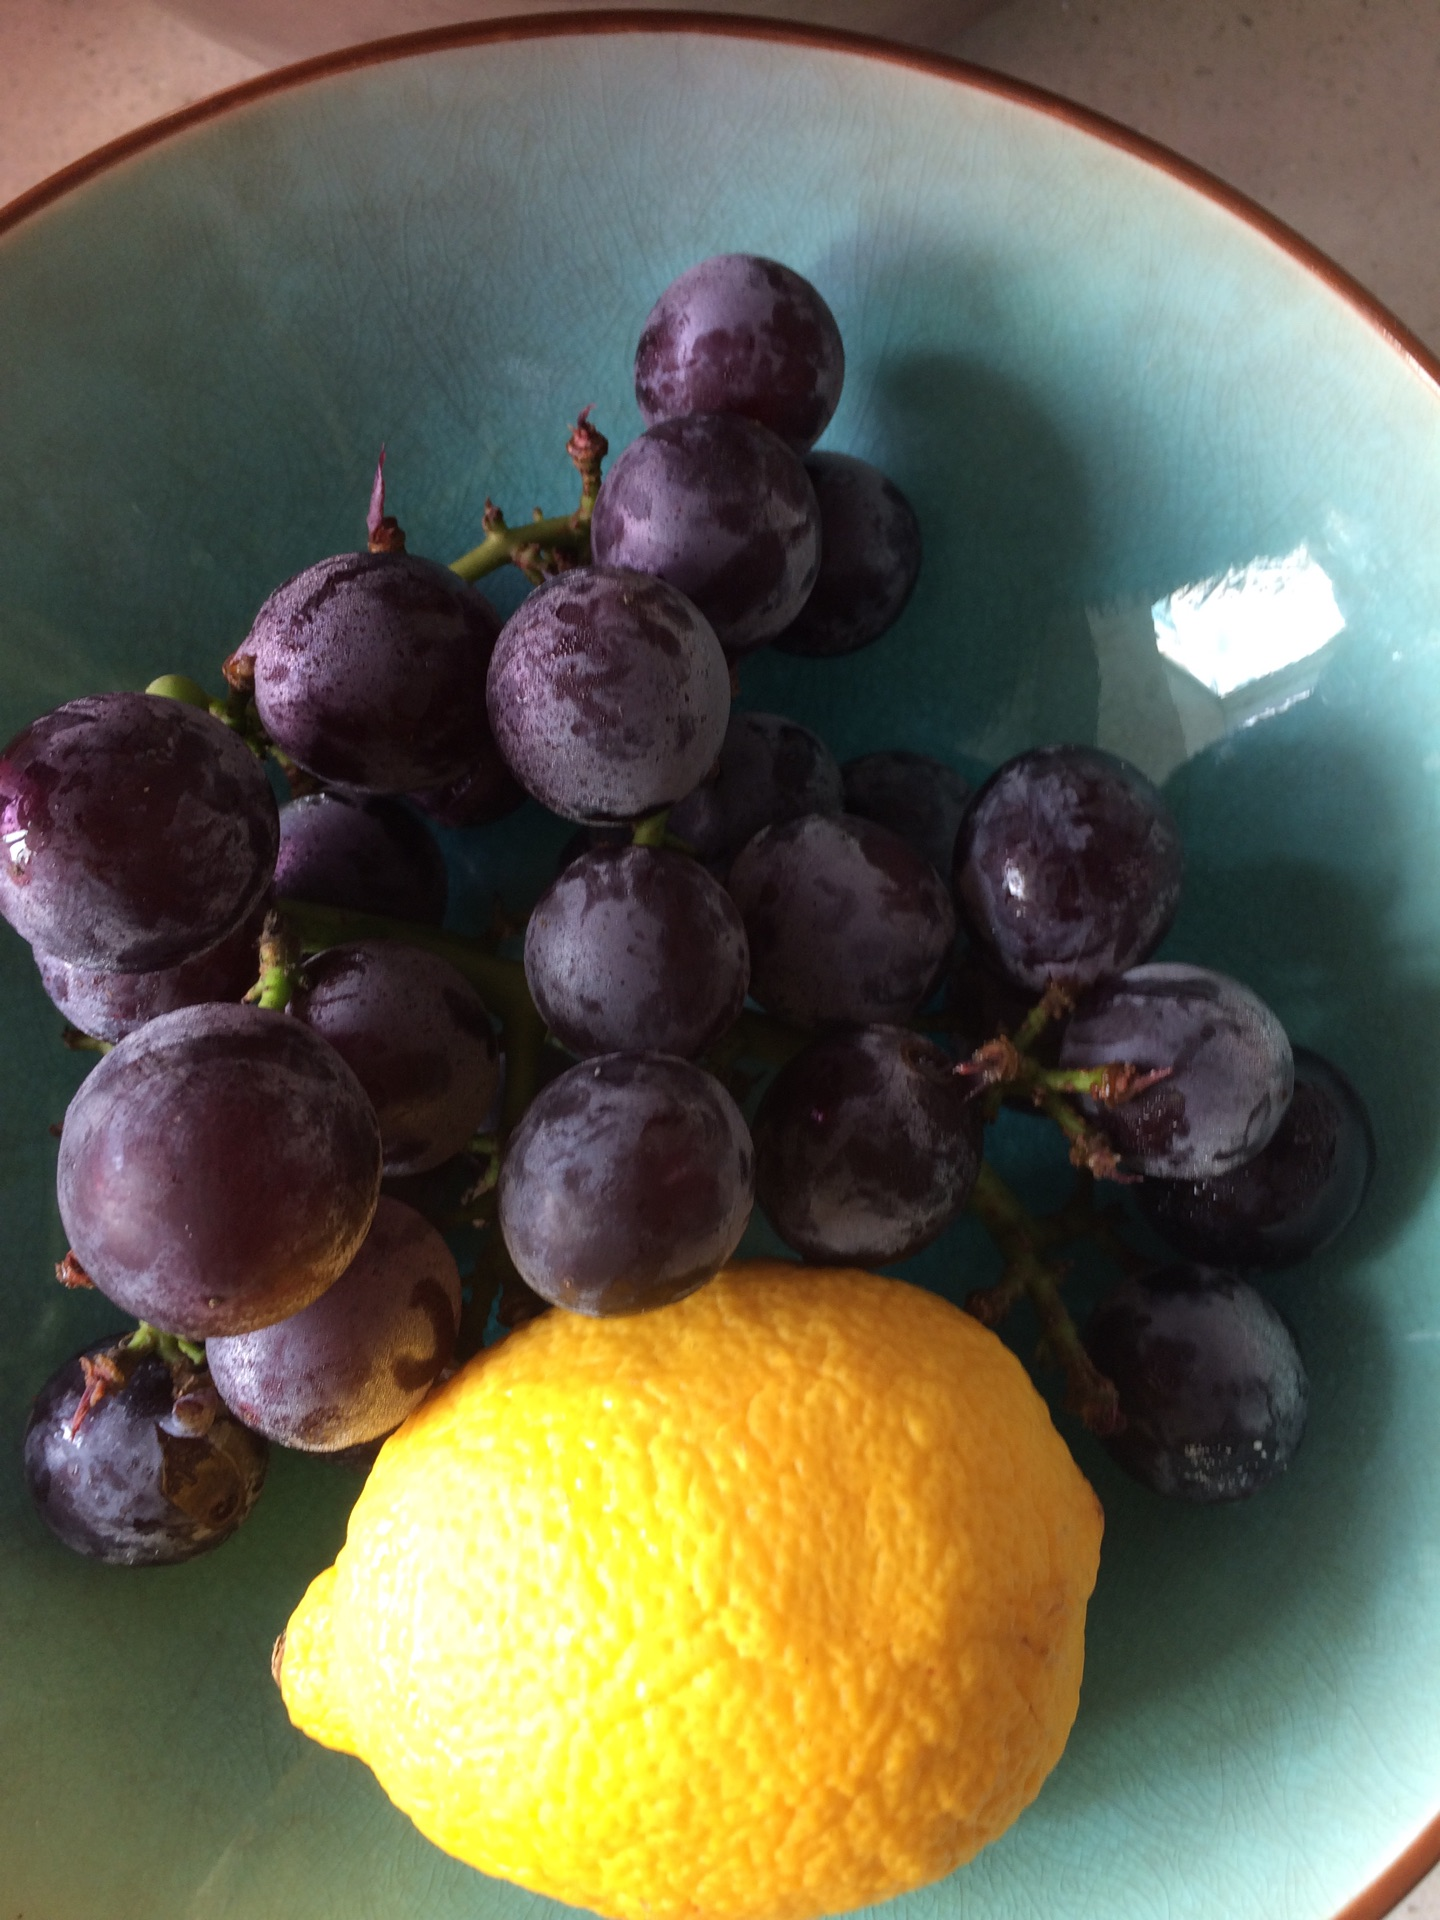 夏天冰凉清新的柠檬葡萄苏打水